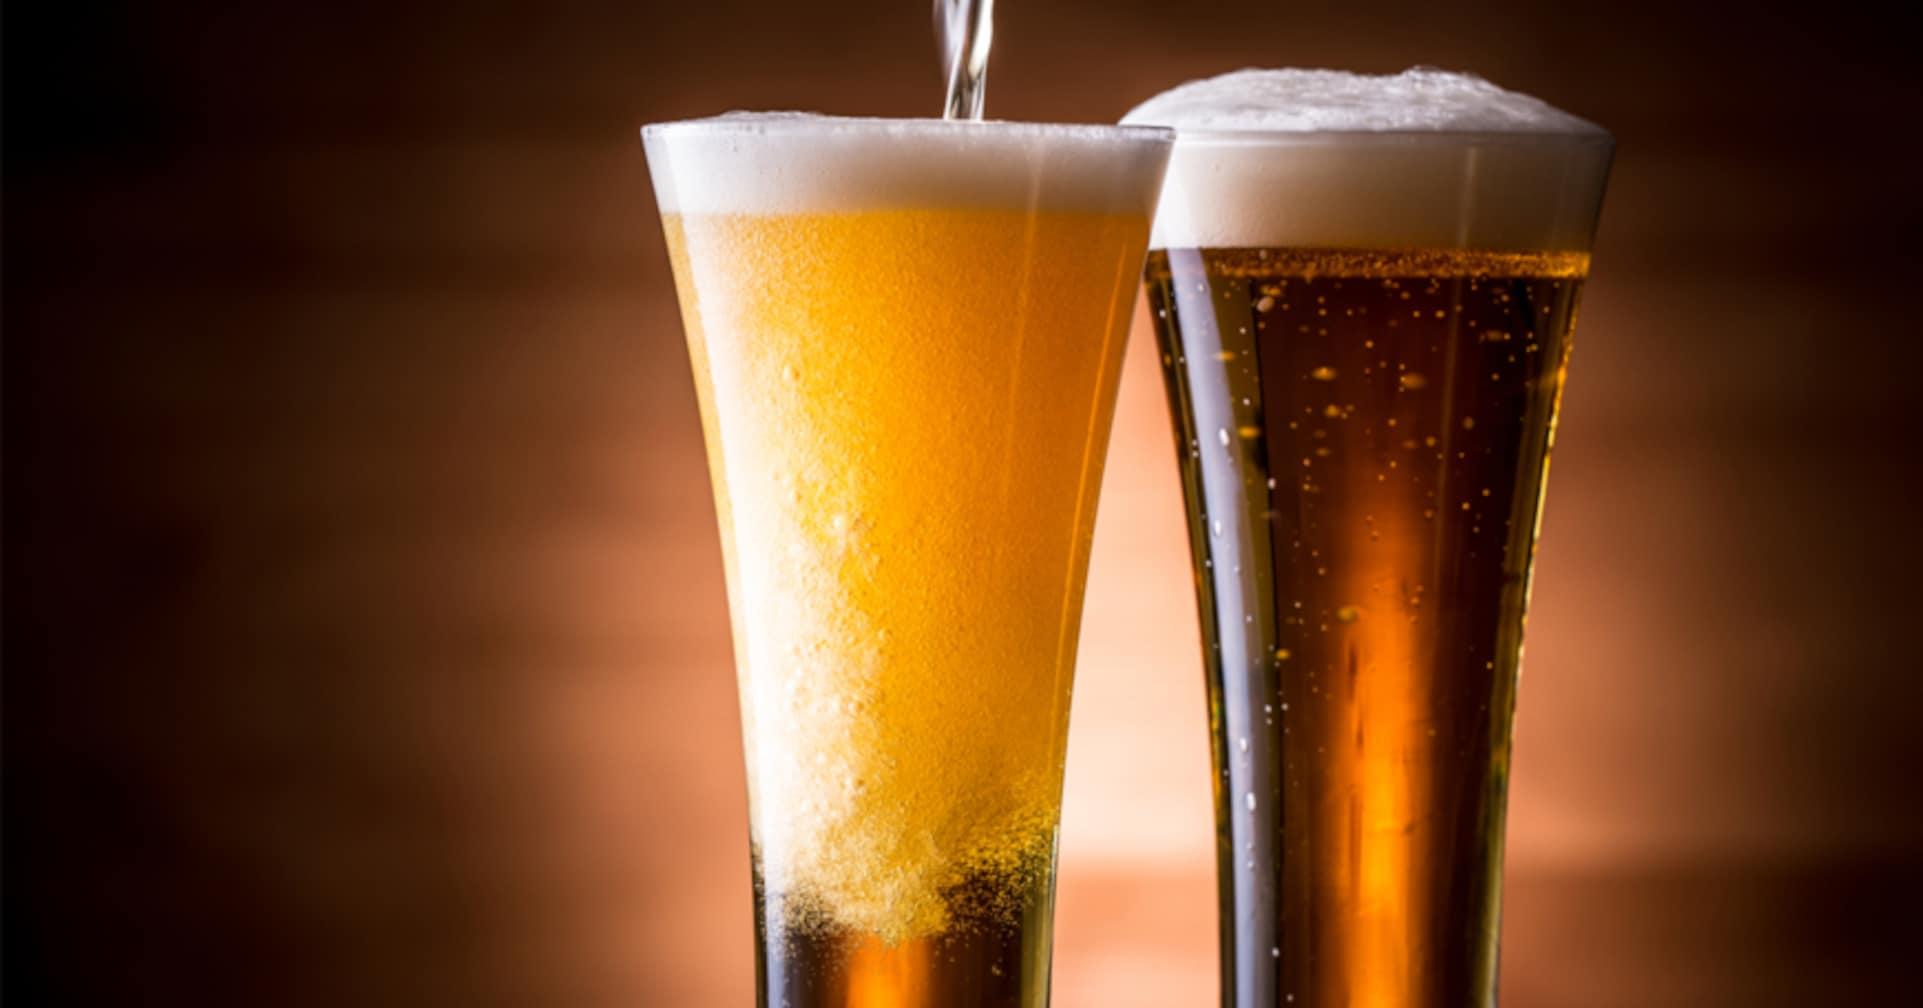 本当においしいビールは何度? ビール好きなら知っておきたい雑学